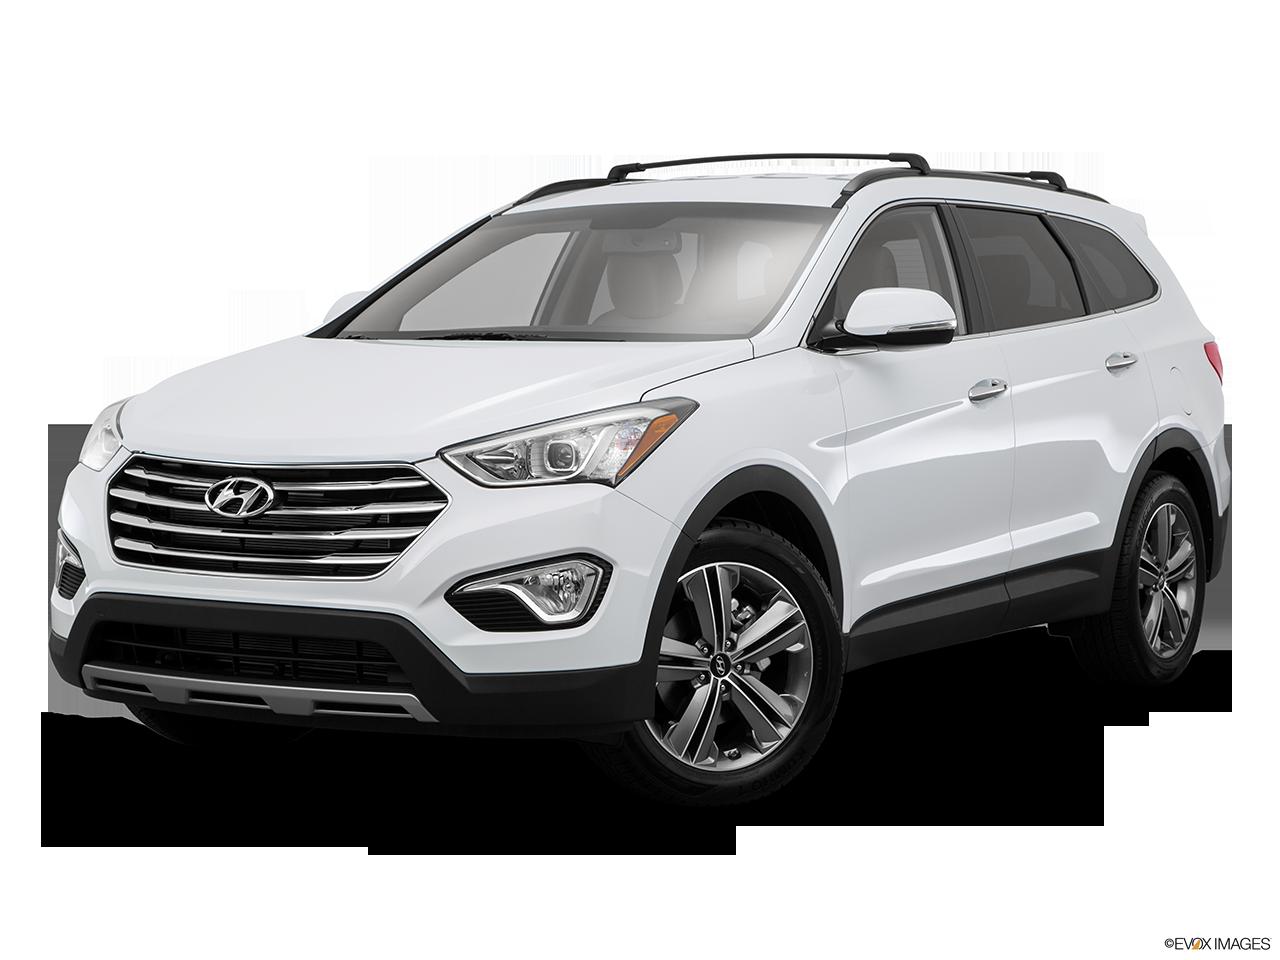 Hyundai Santa fe Black Grill a 2015 Hyundai Santa fe at